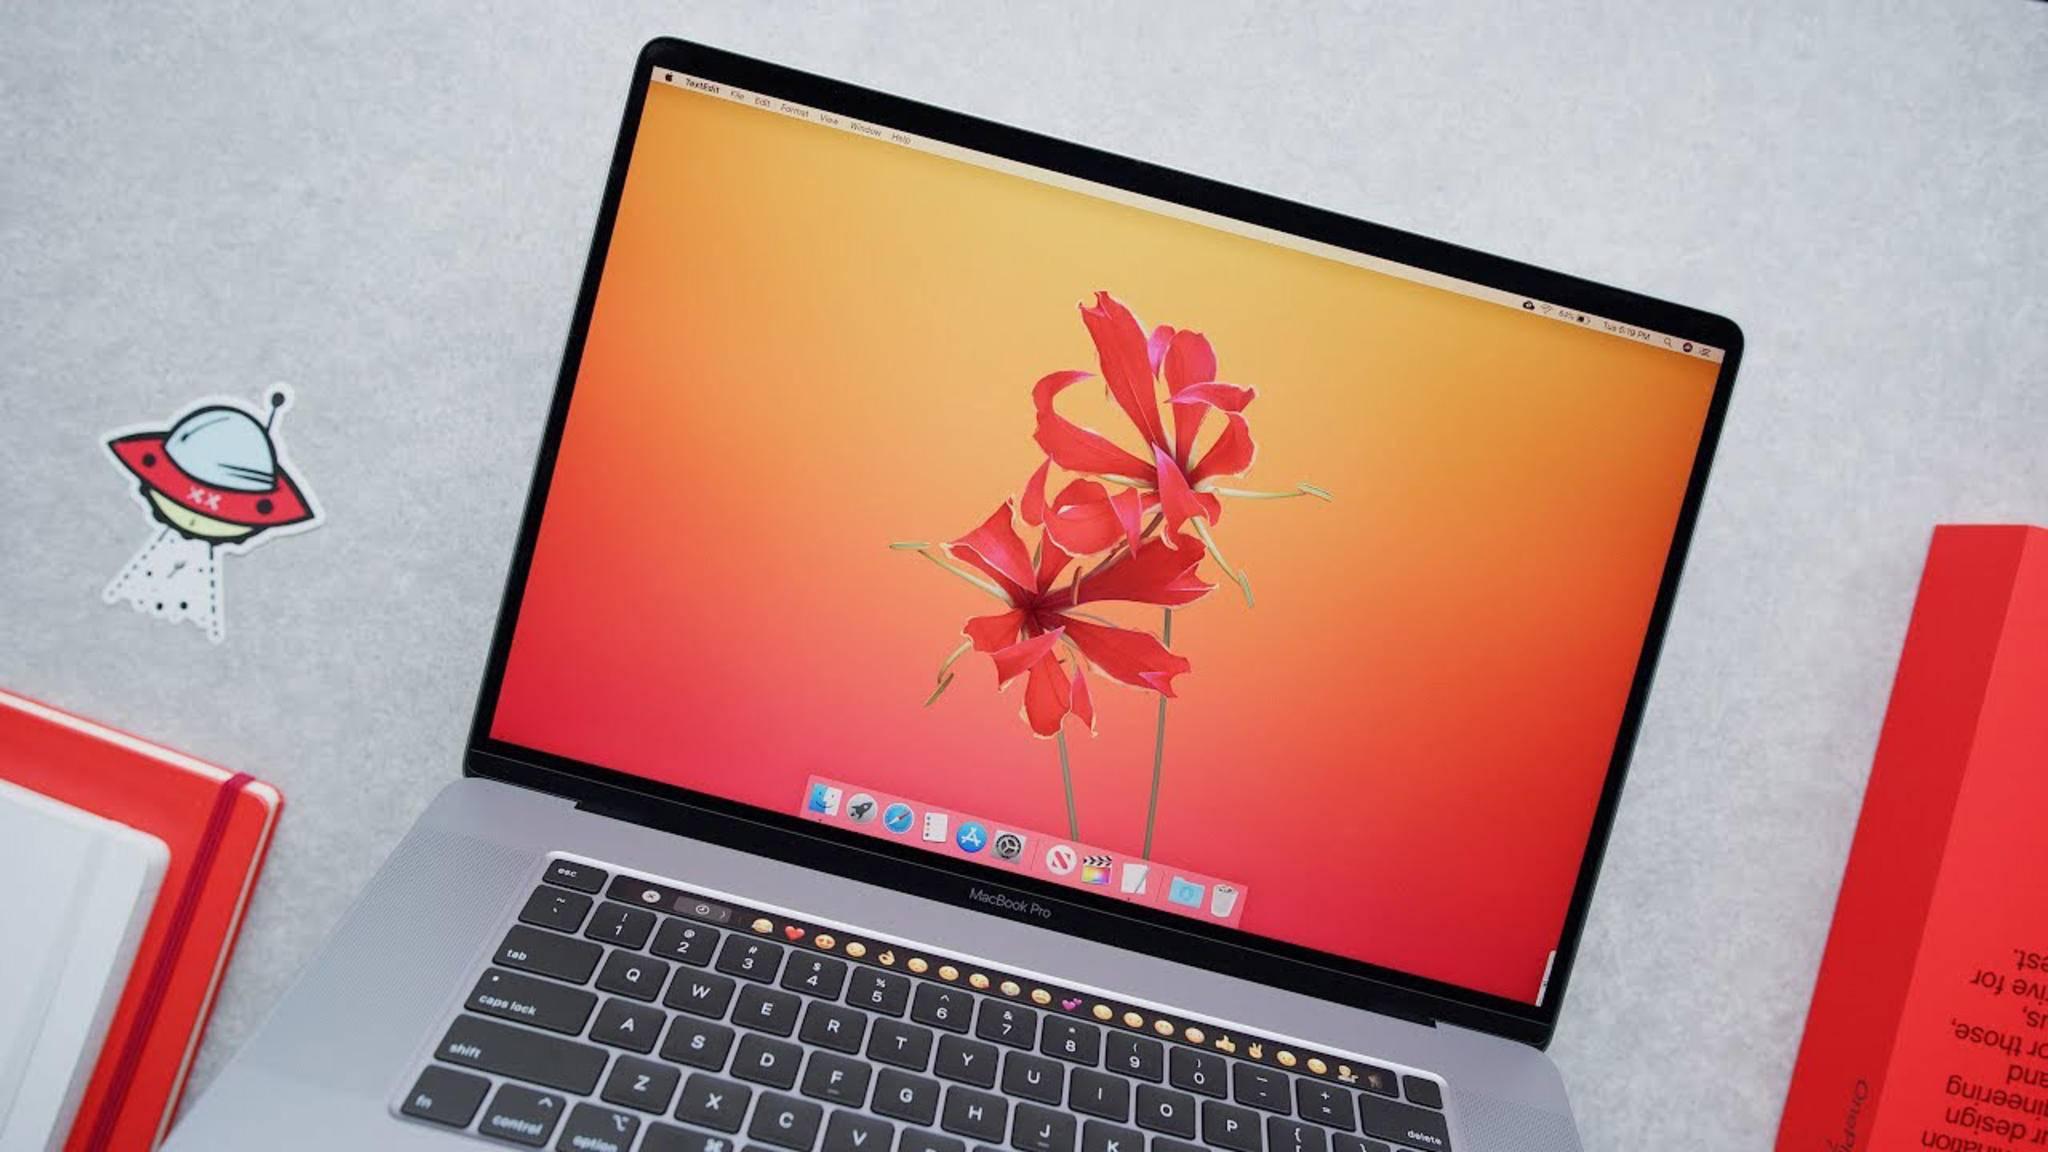 macbook-pro-16-zoll-1